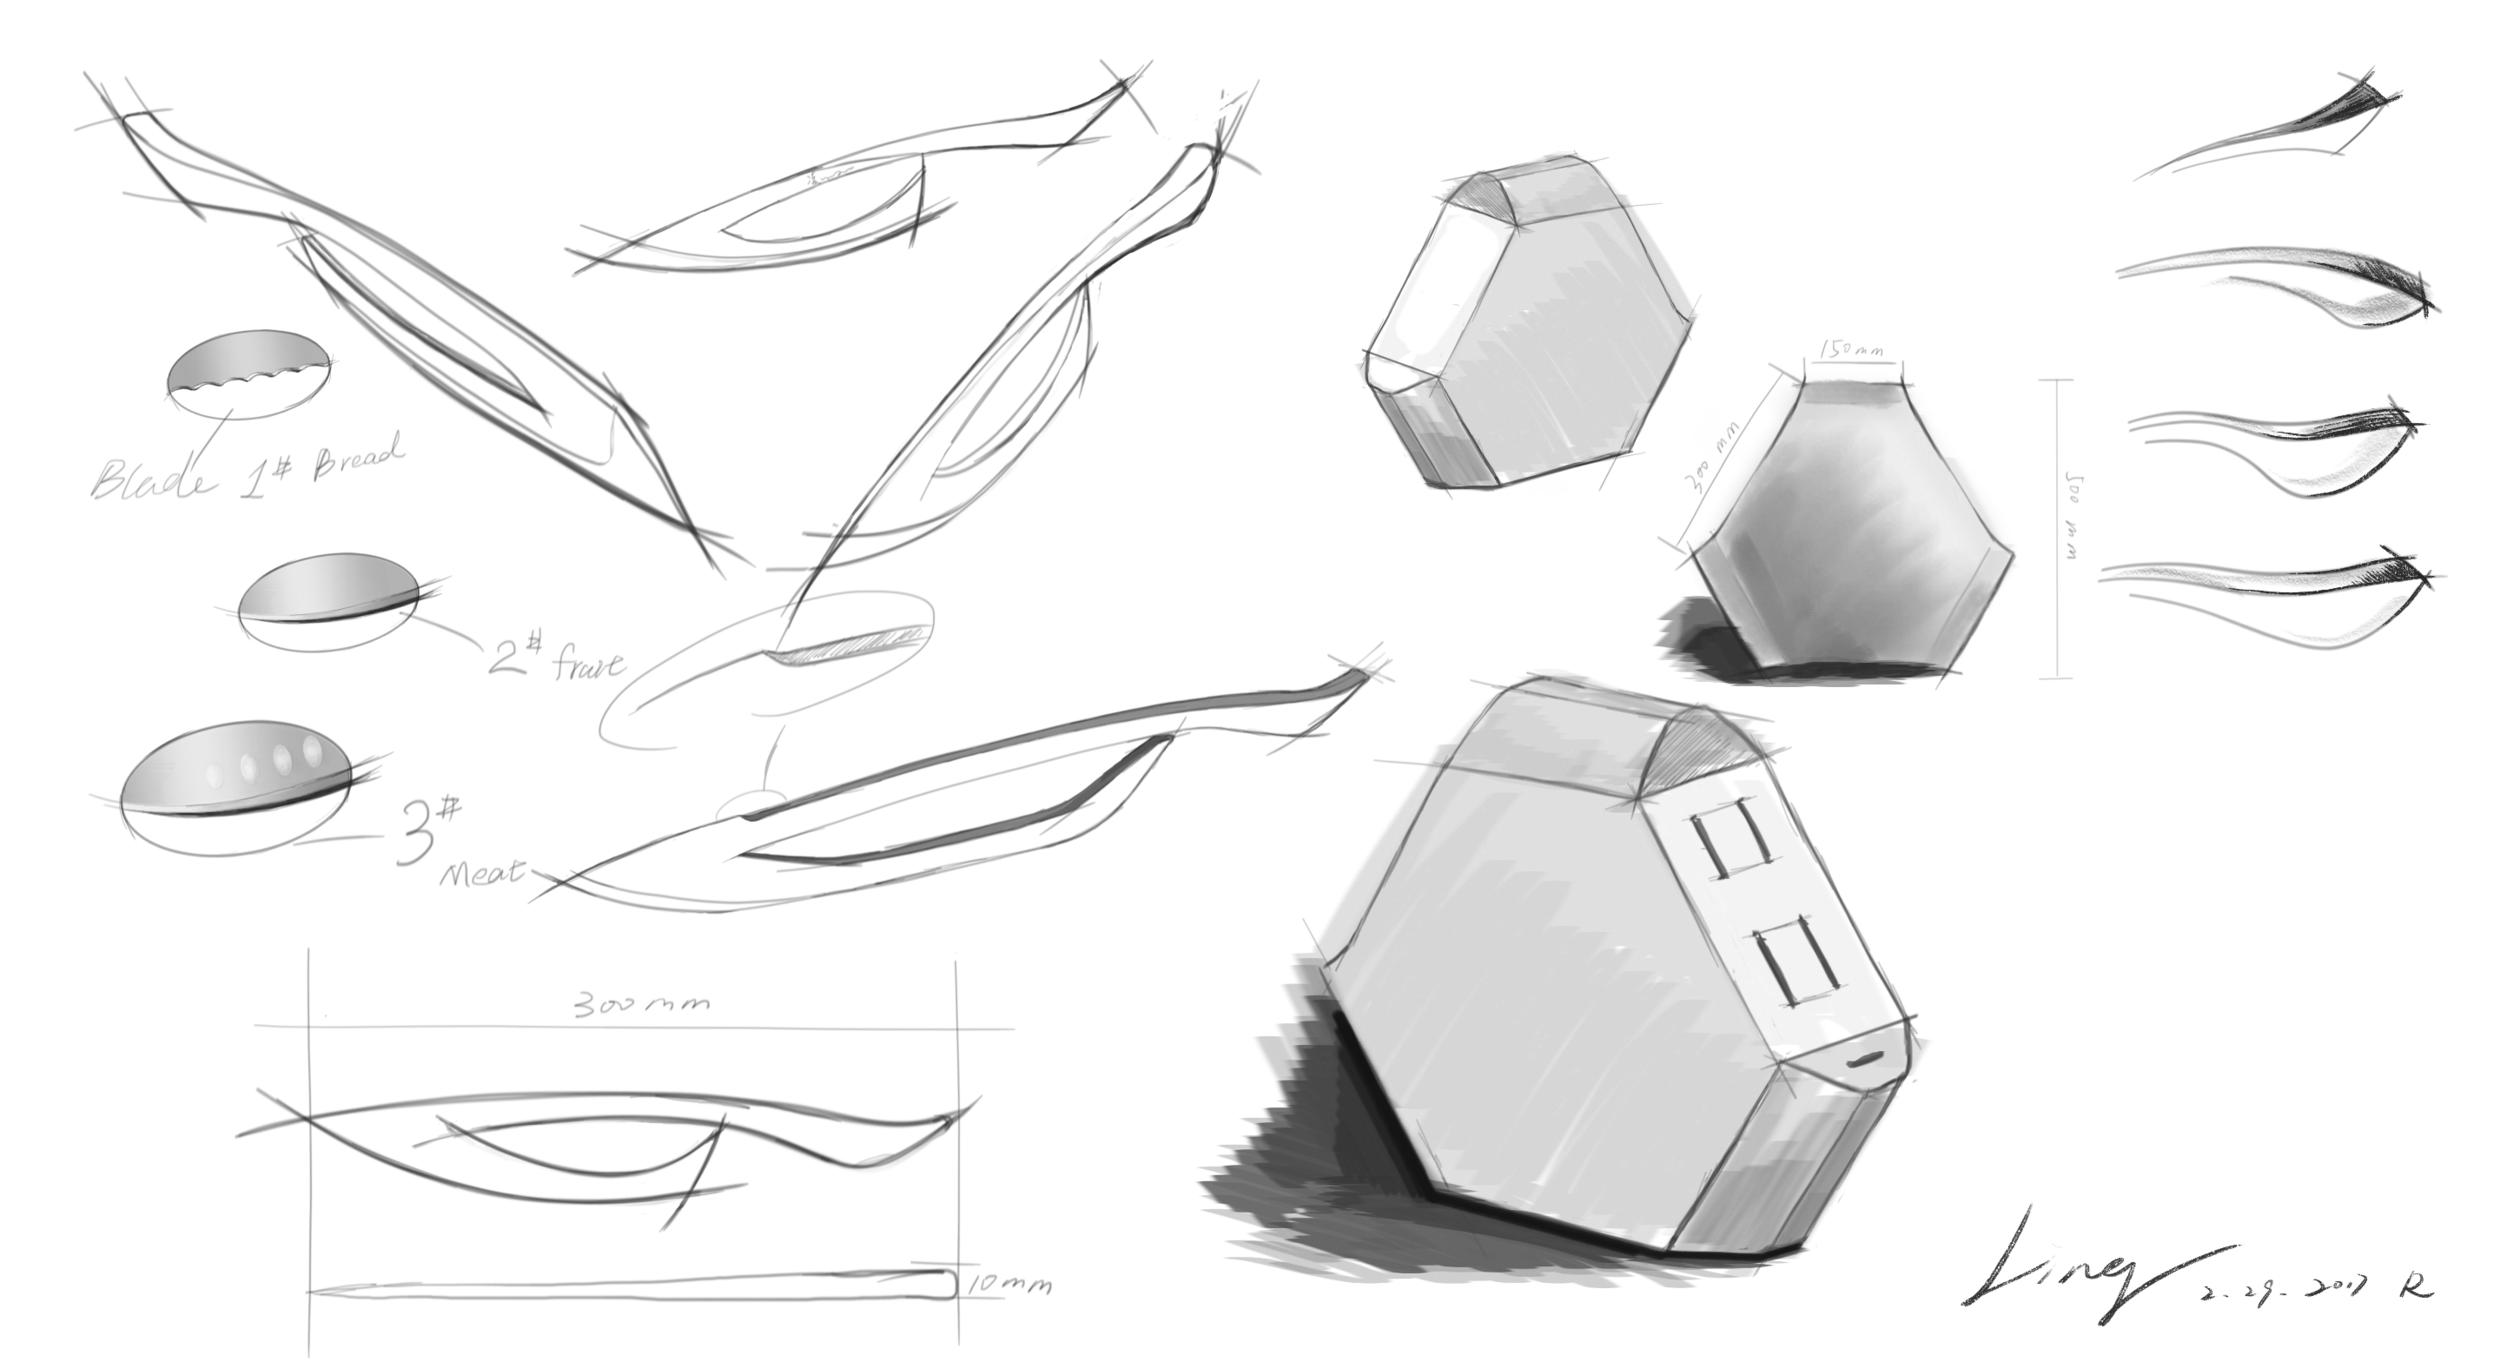 sketchbook-drawing